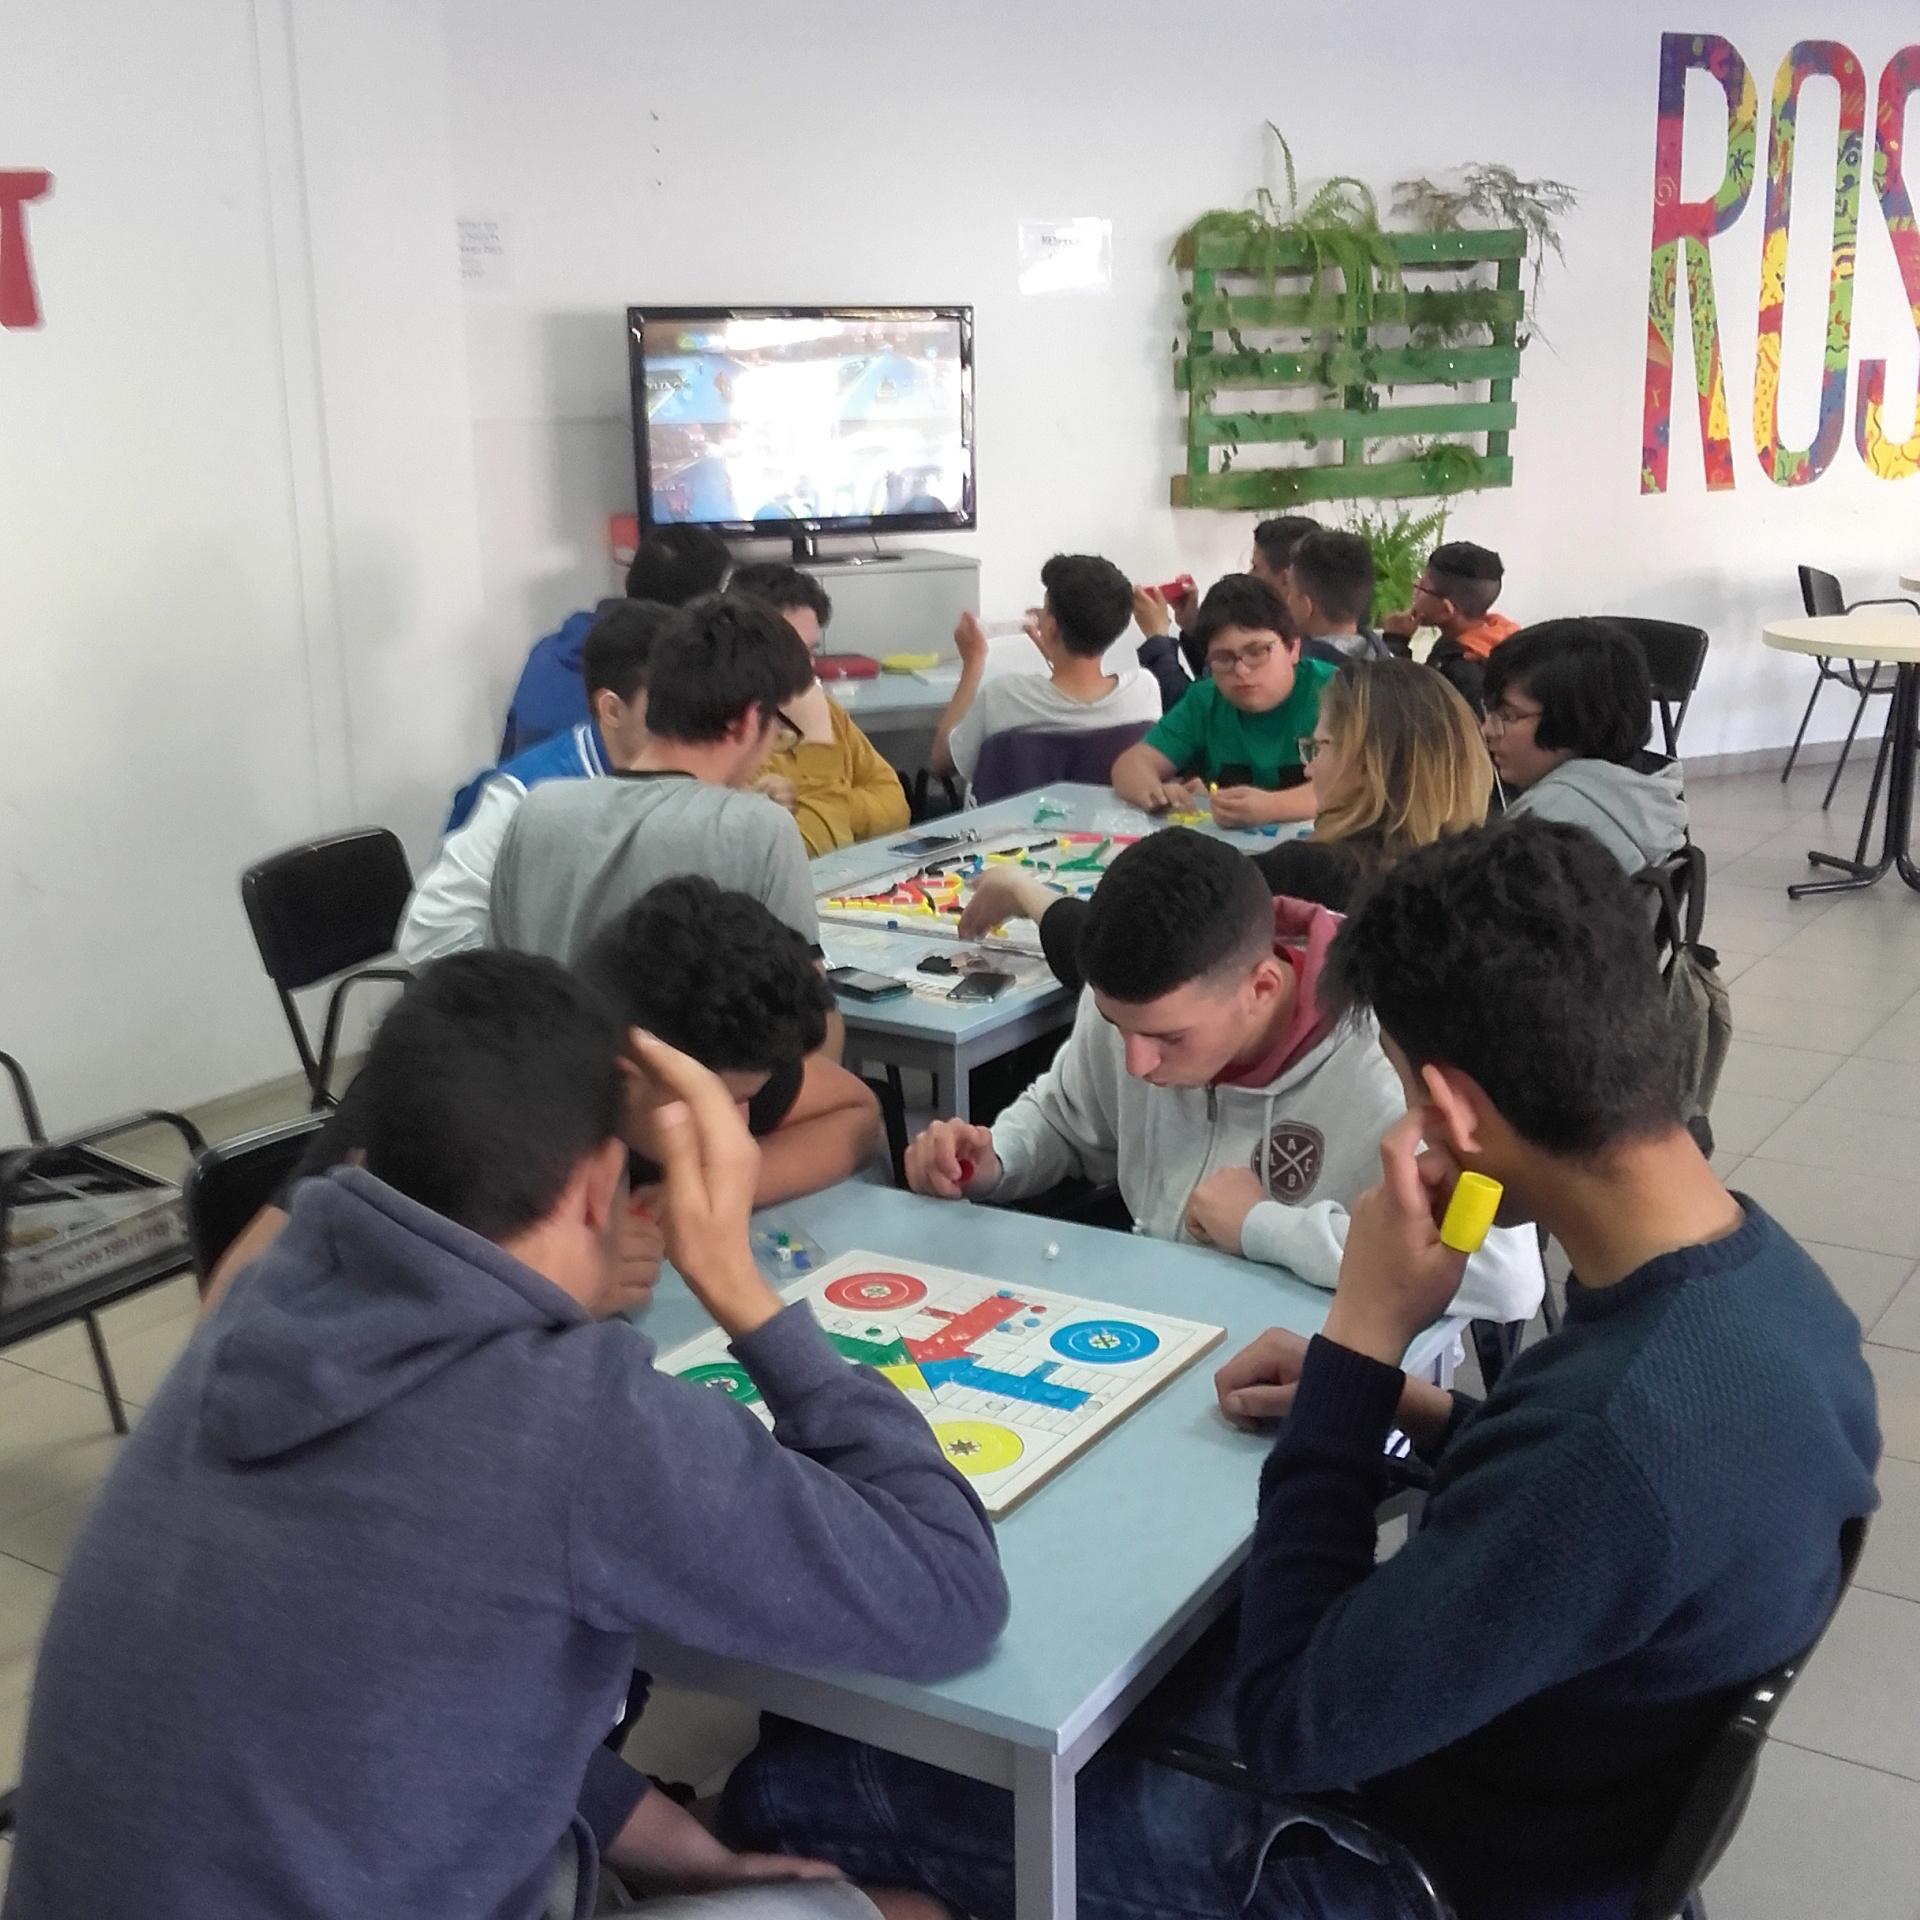 El CAR Jove de Roses renova el Servei Educatiu amb l'ampliació d'activitats i horaris